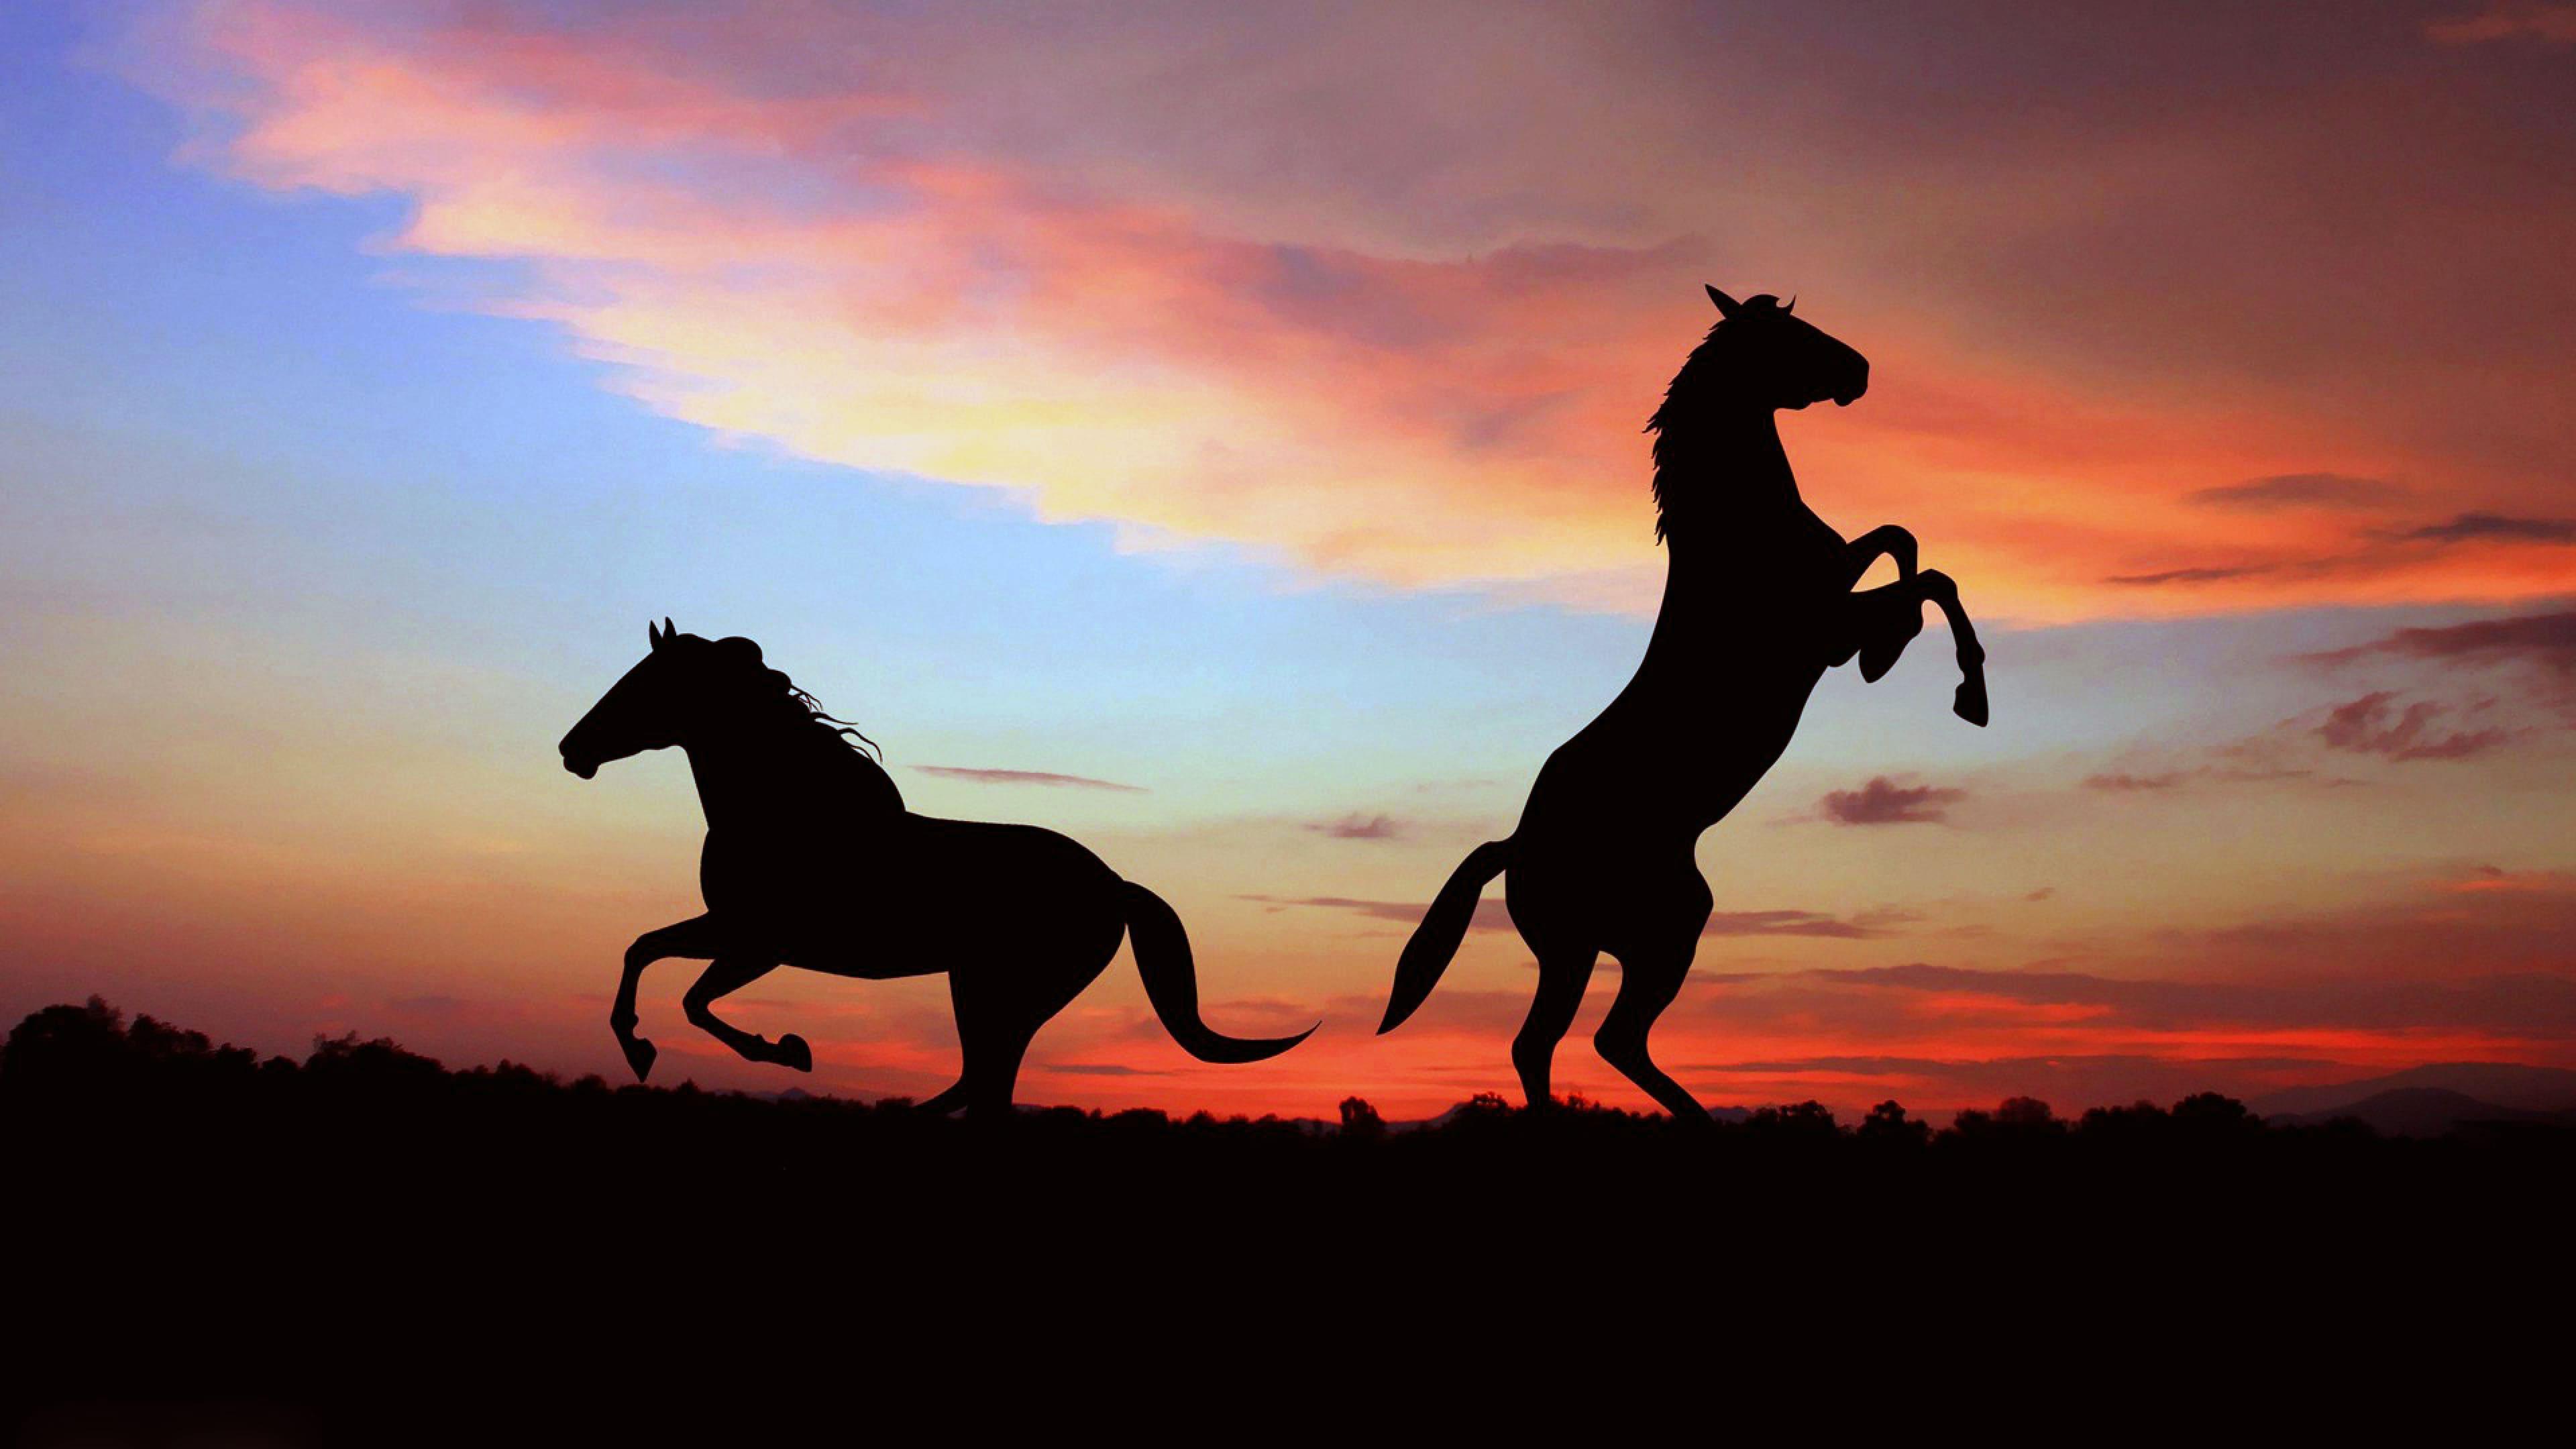 HDoboi.Kiev.ua - Два коня на закате